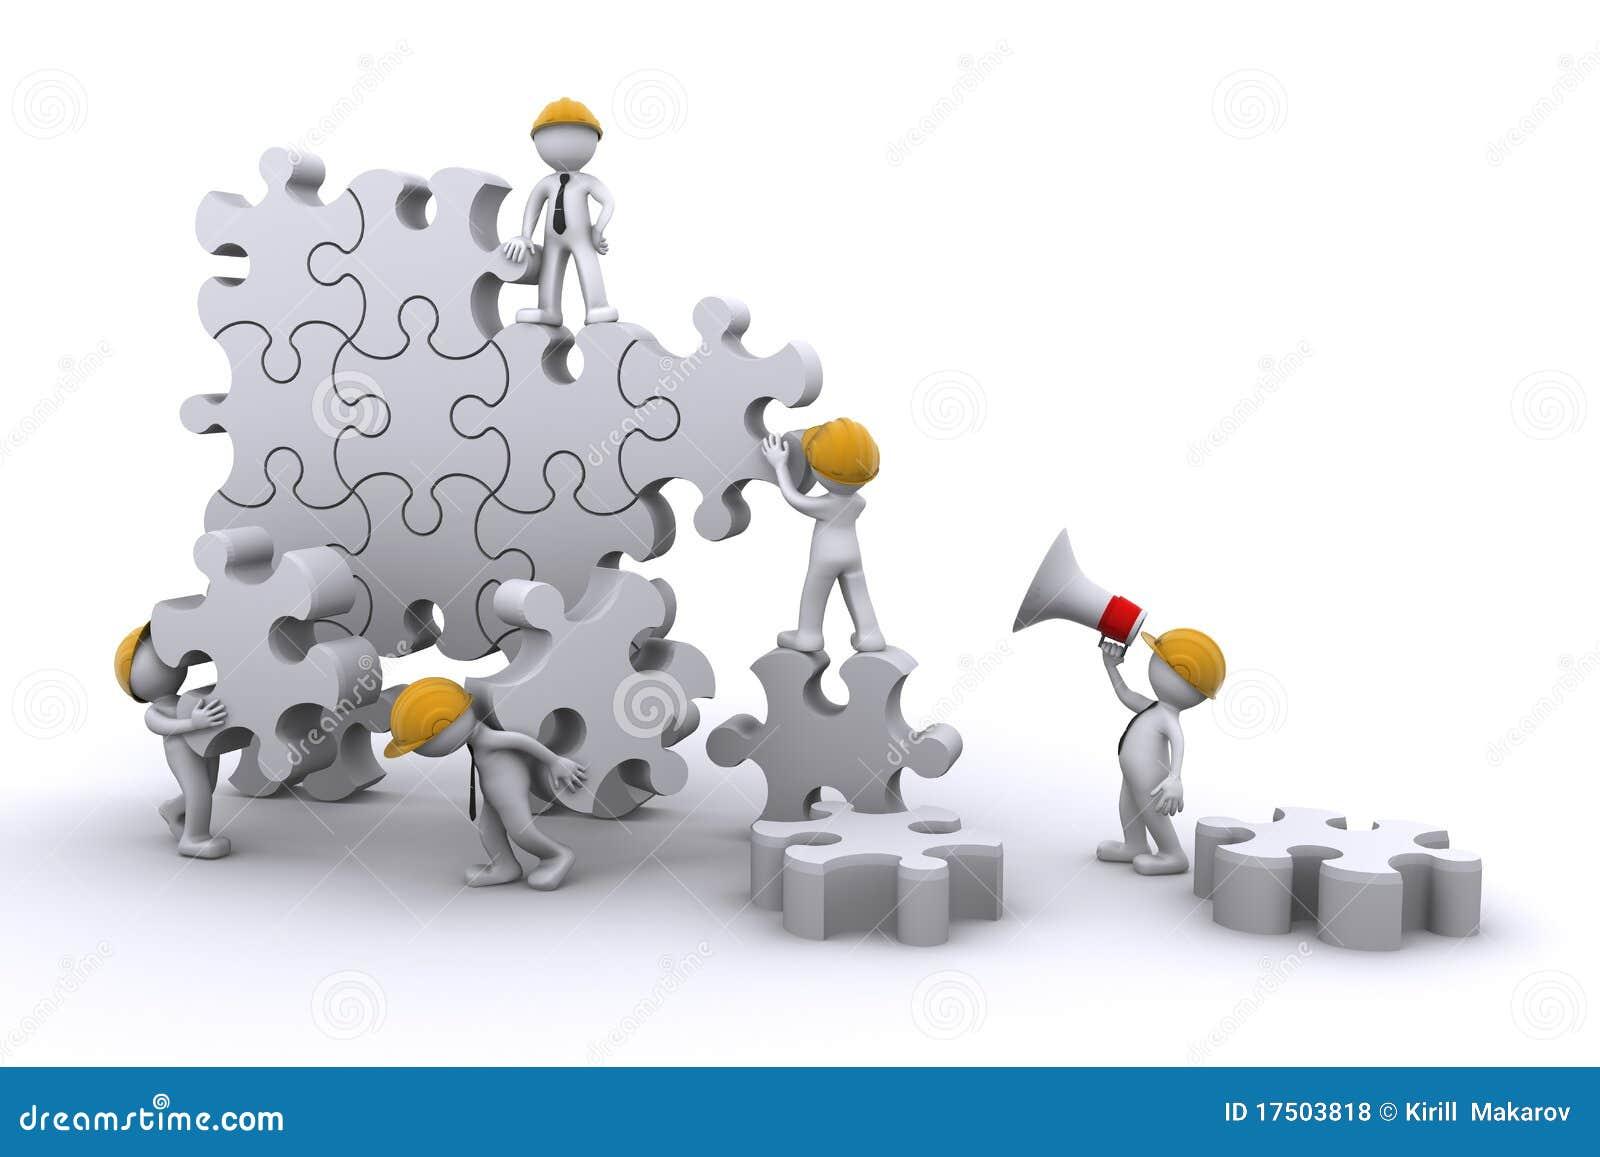 Costruzione di squadra un puzzle concetto eveloping - Collegamento stampabile un puzzle pix ...